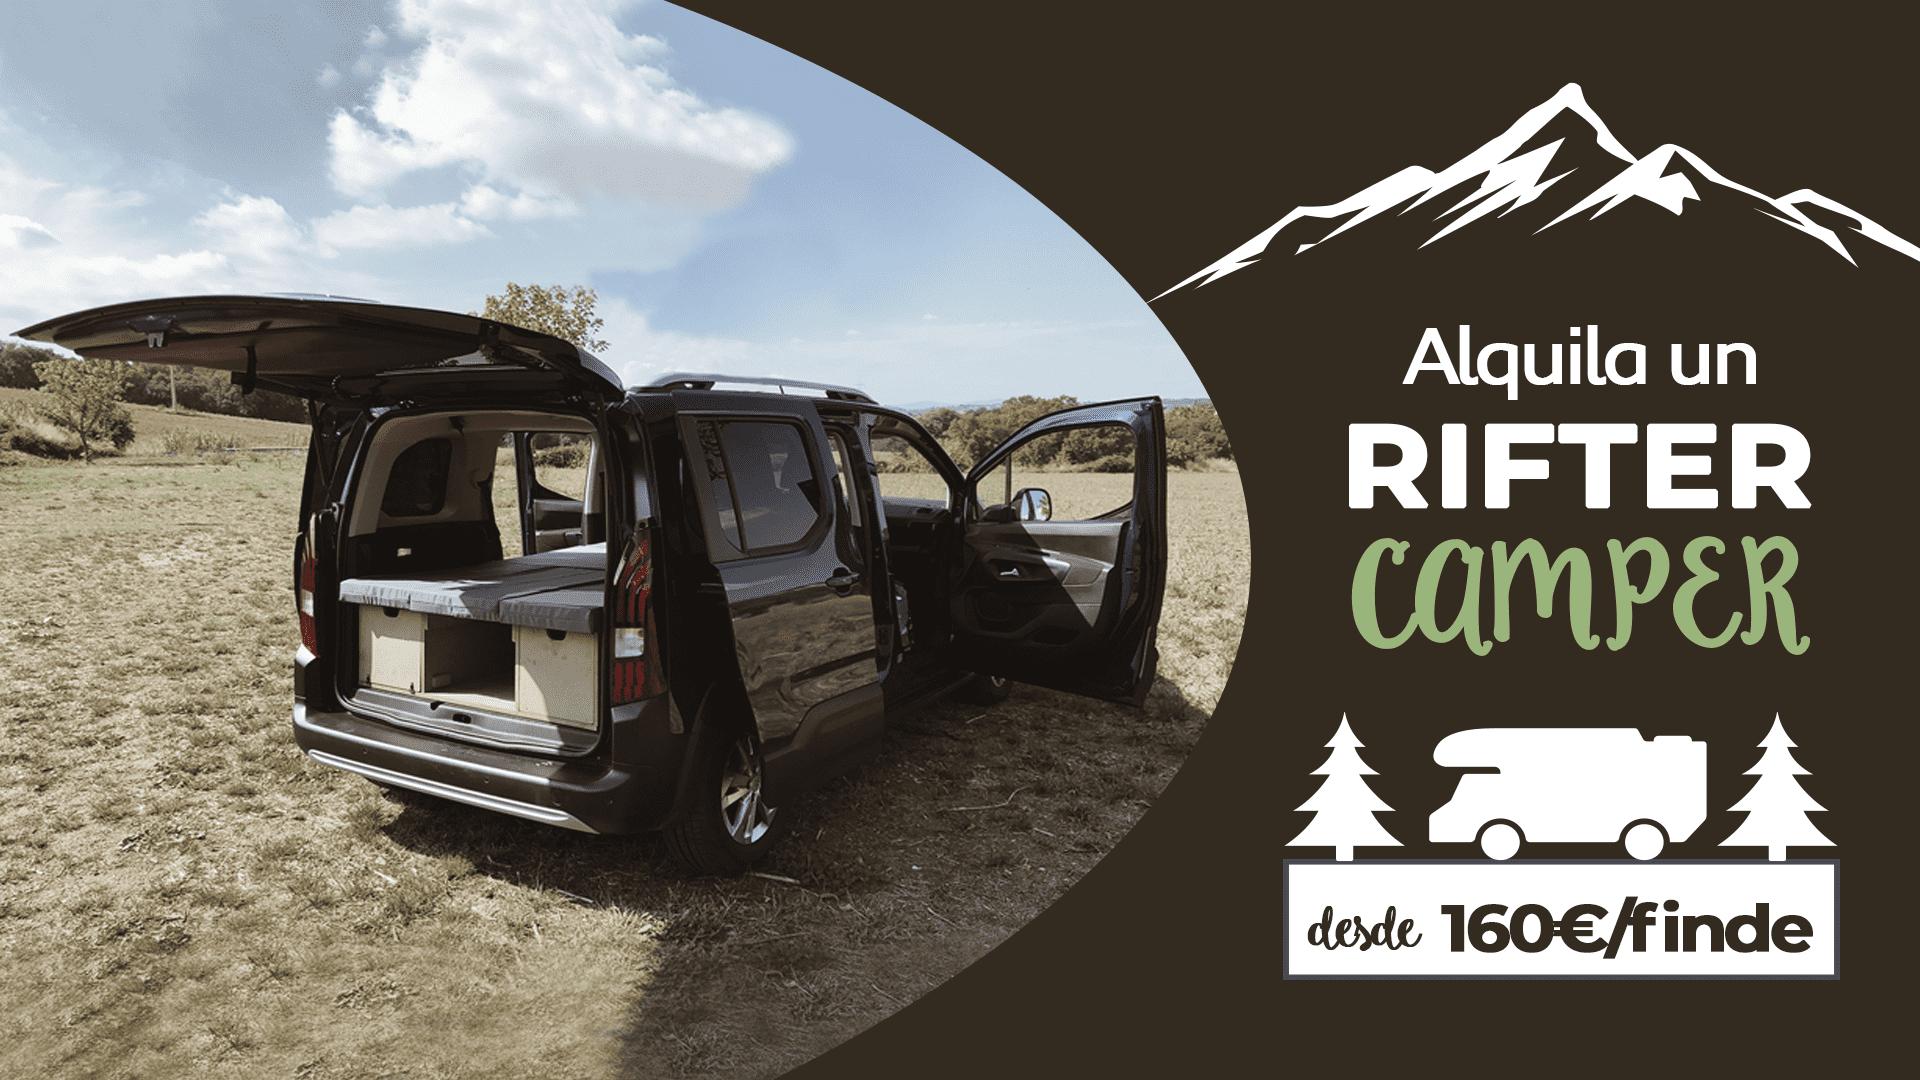 Alquila un Peugeot Rifter Camper desde 160€/fin de semana